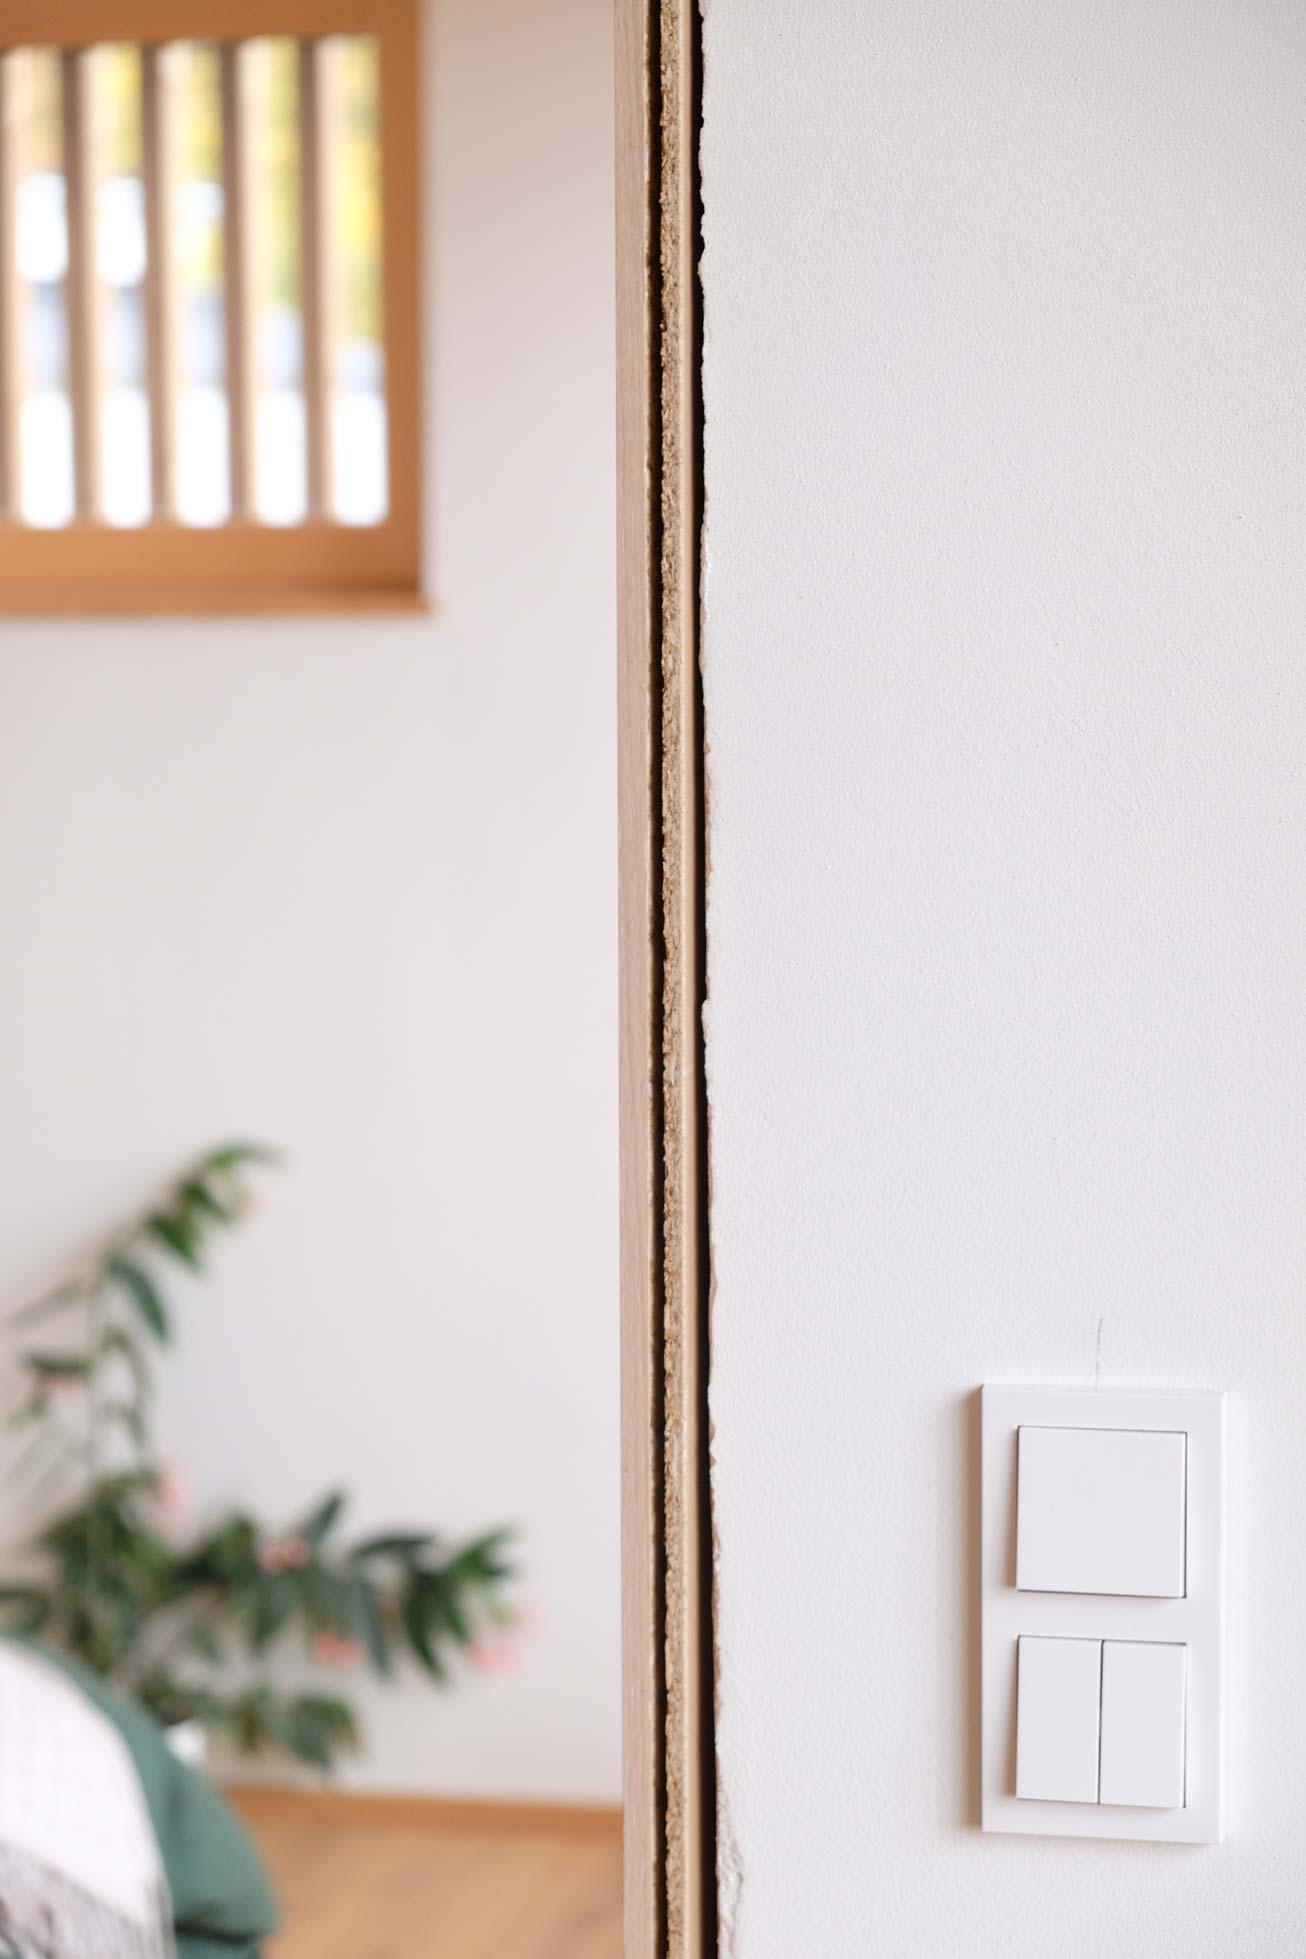 Einbau Innentür Schlafzimmer. Verbauen der Innentüren ohne Schadstoffe, mit Leim.